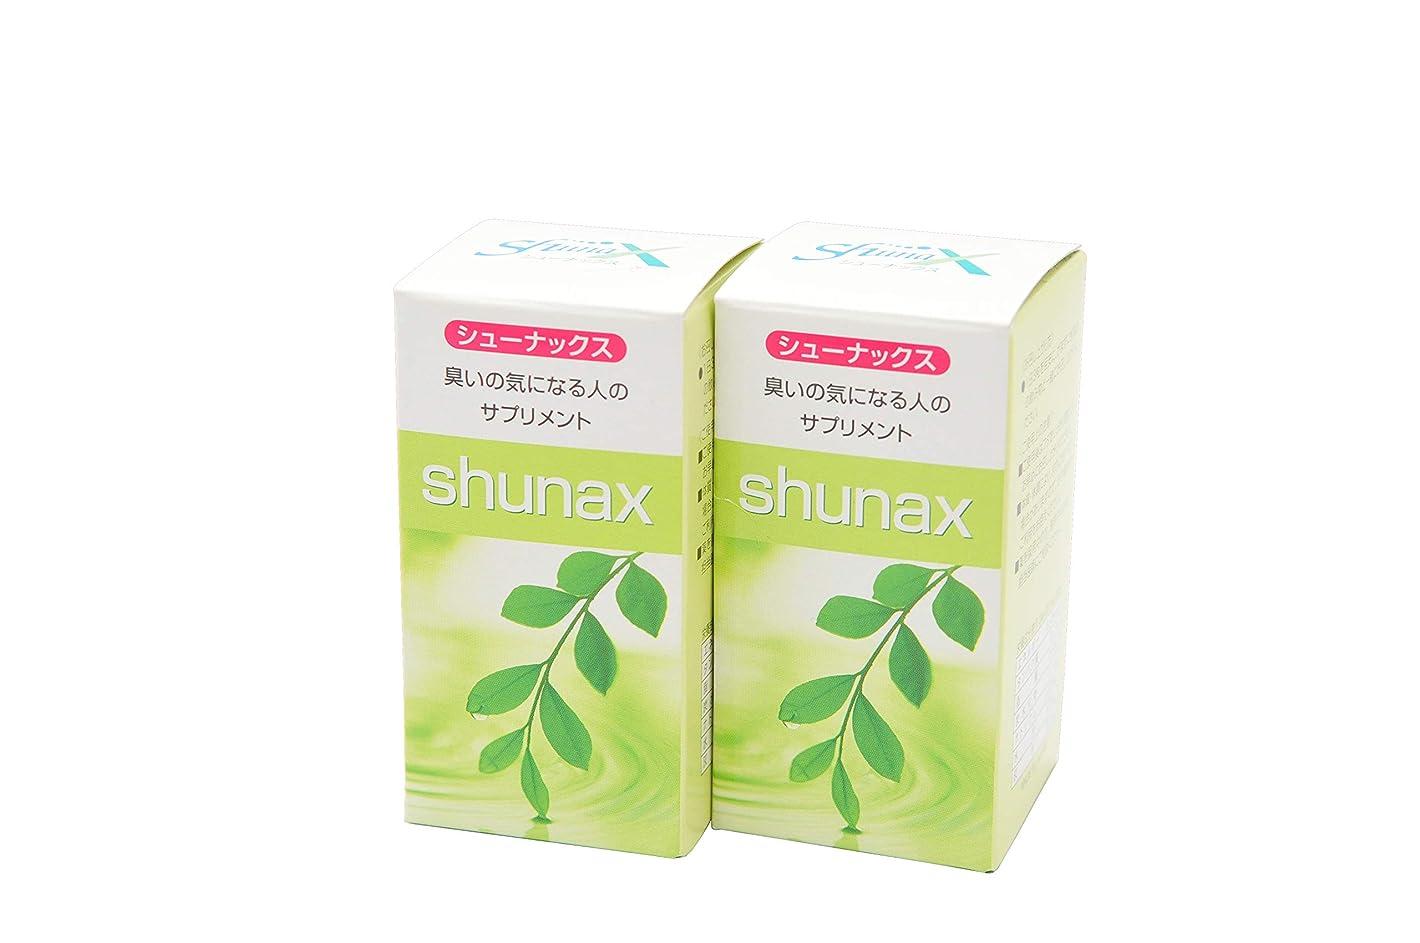 シューナックス 2個セット 口臭、体臭、加齢臭対策の消臭サプリメント。エチケット?デート?介護時のニオイに。【shunax】1箱30日分x2個セット